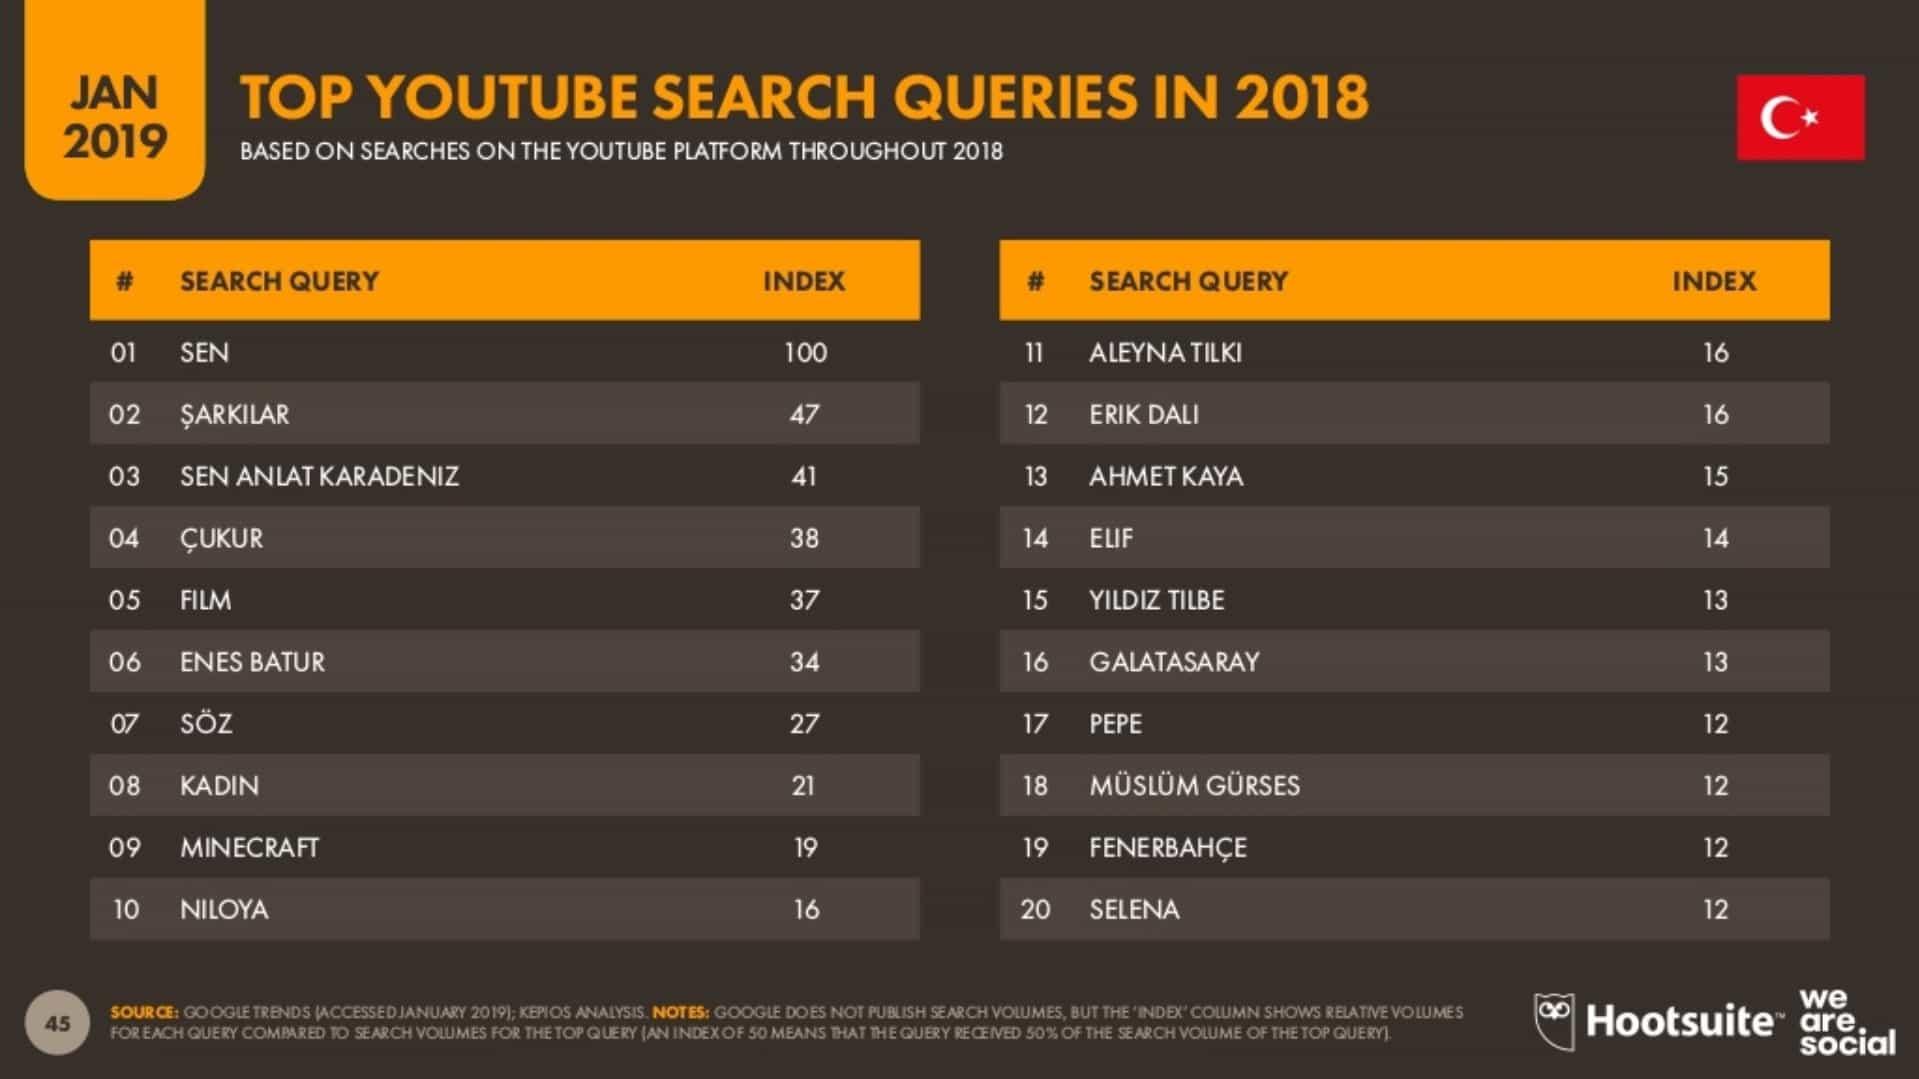 2018 Yılında YouTube'da En Çok Neleri Aradık?